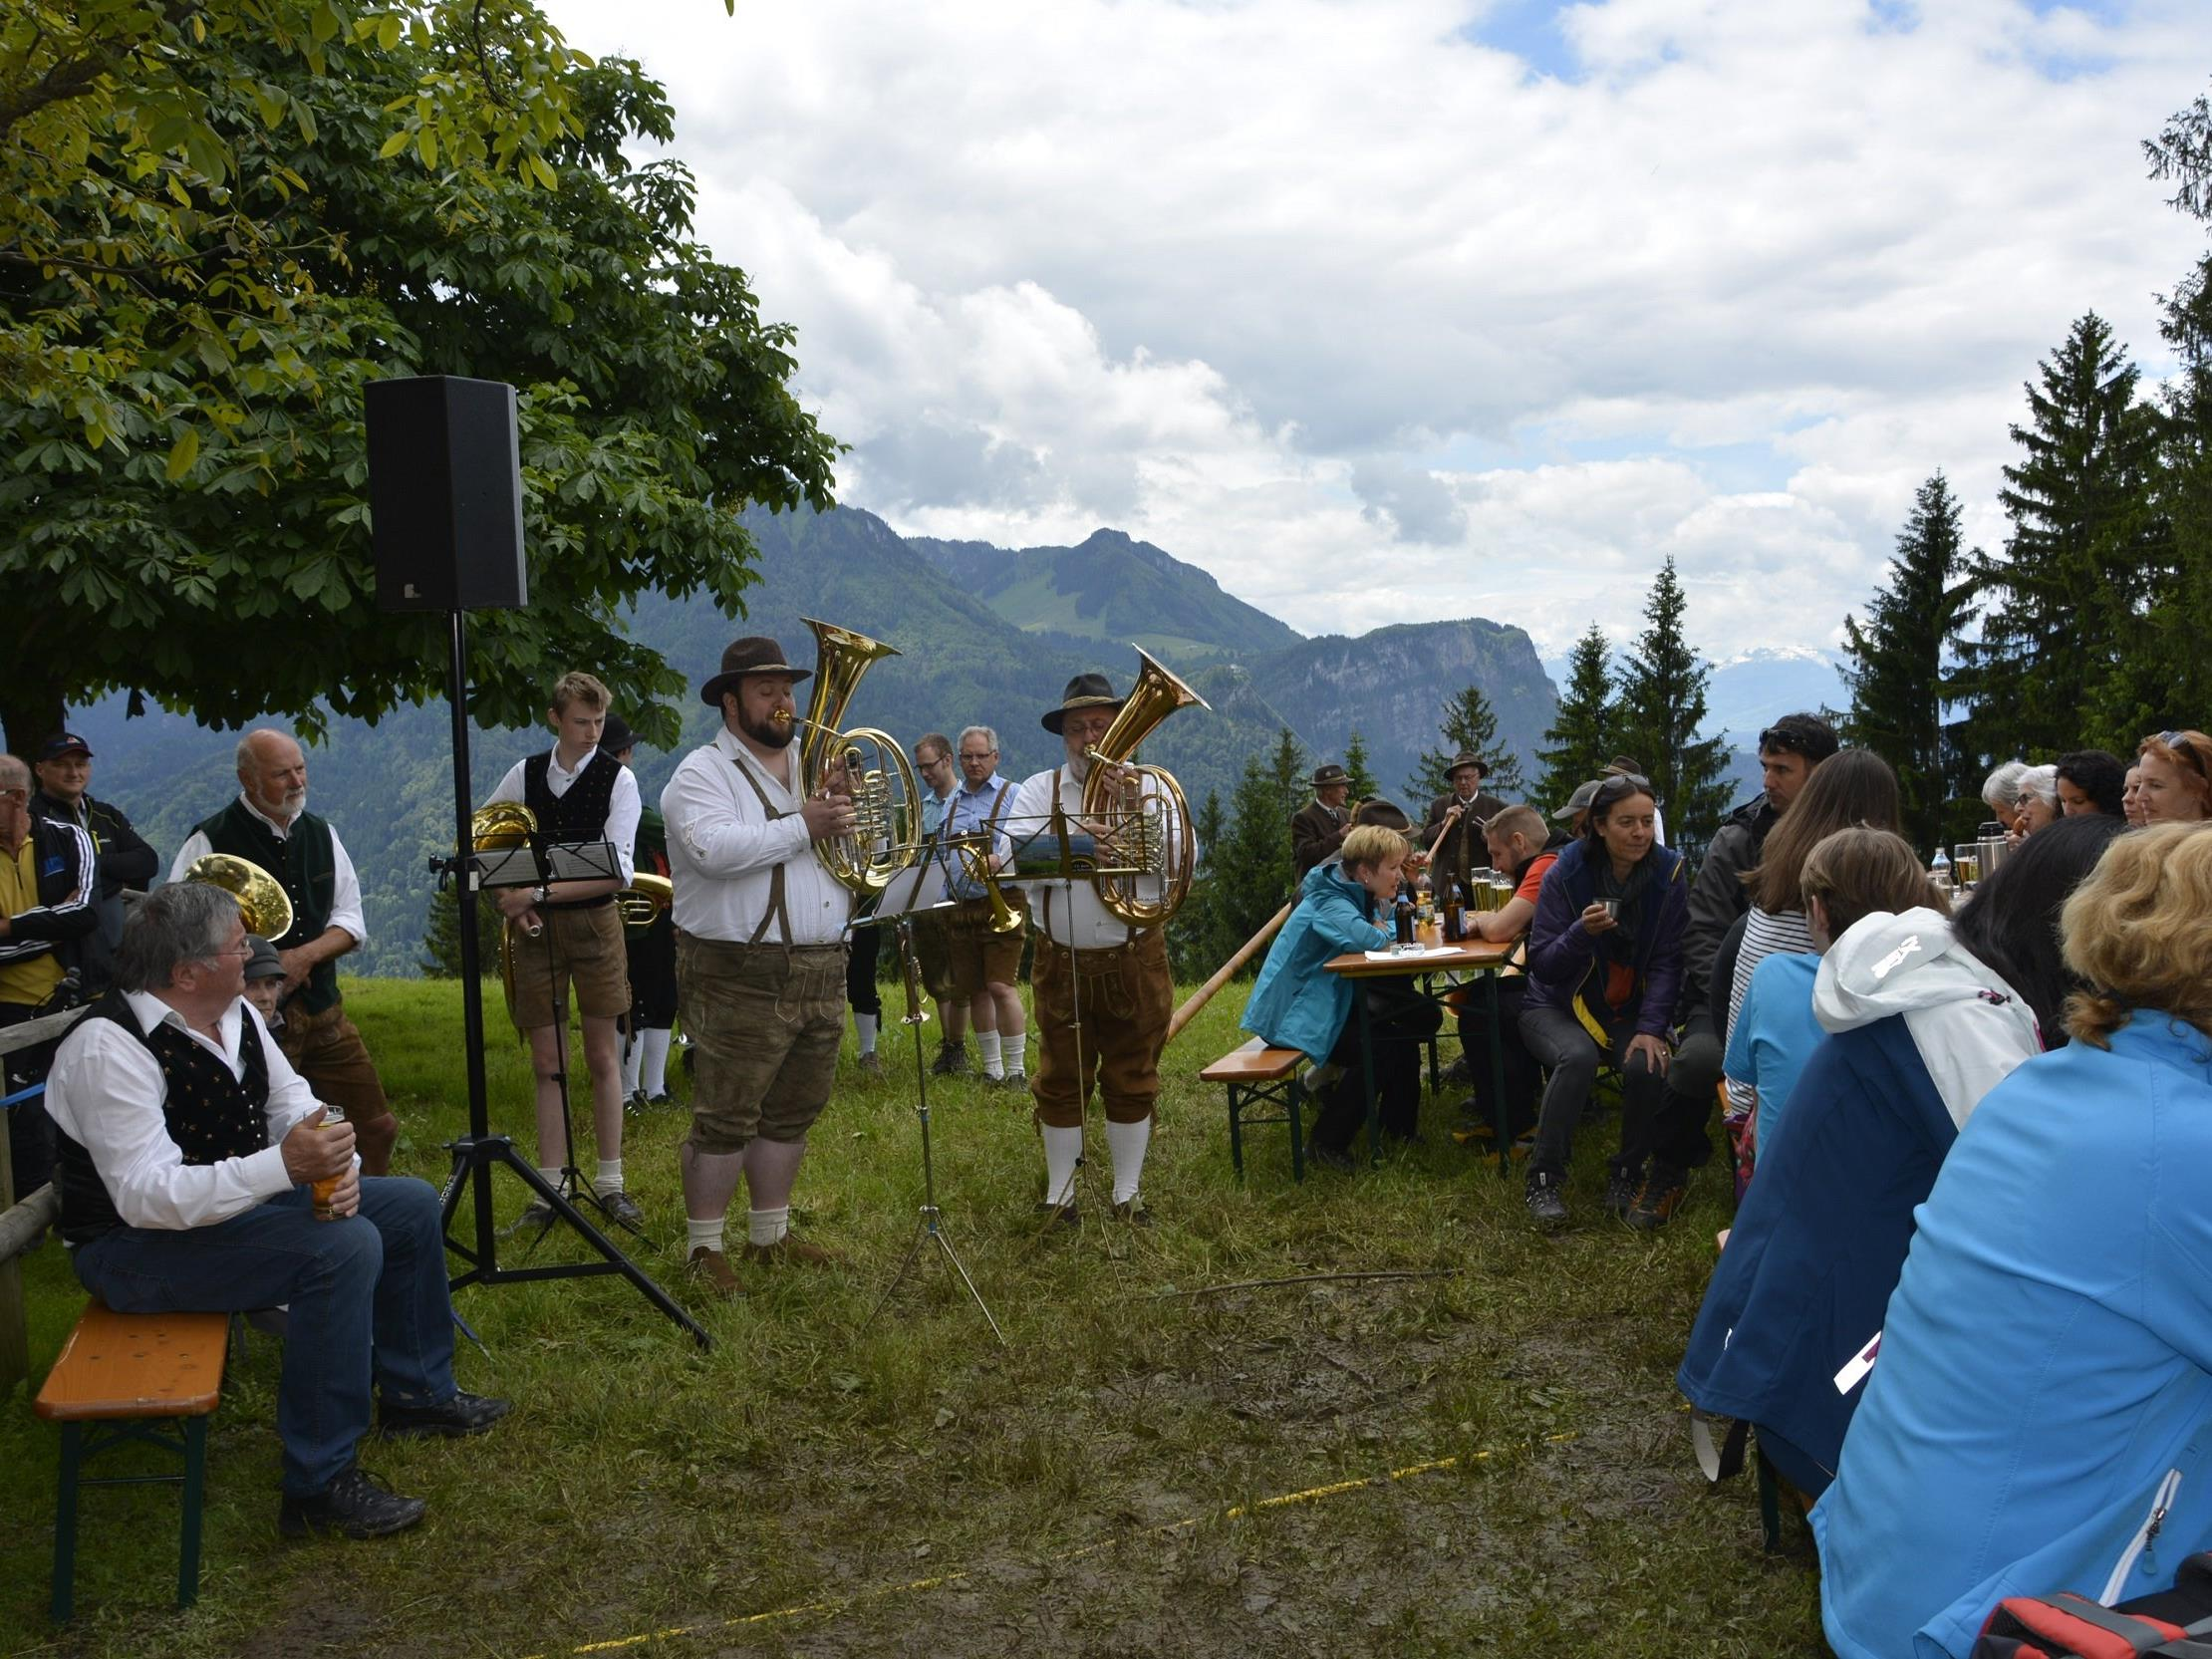 Volksmusiktreffen mit Blick auf Berge und Rheintal